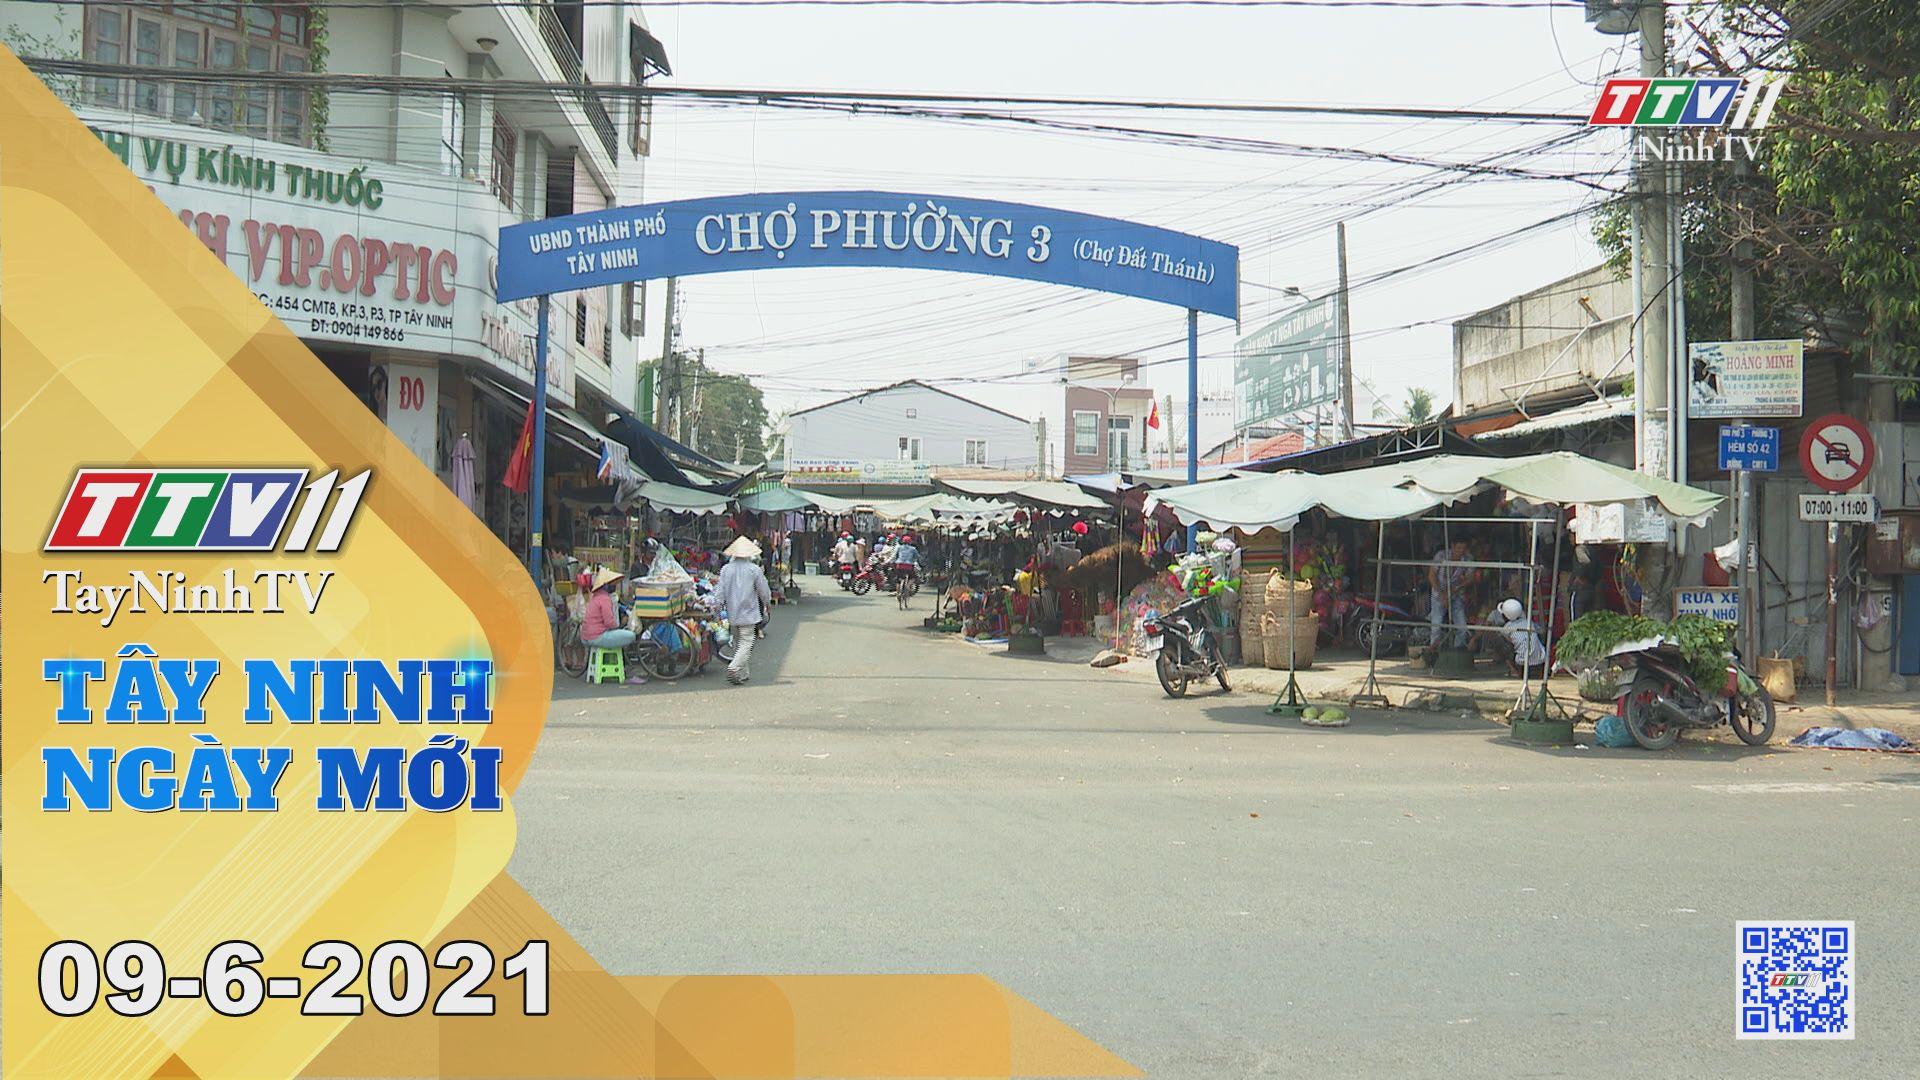 Tây Ninh Ngày Mới 09-6-2021 | Tin tức hôm nay | TayNinhTV